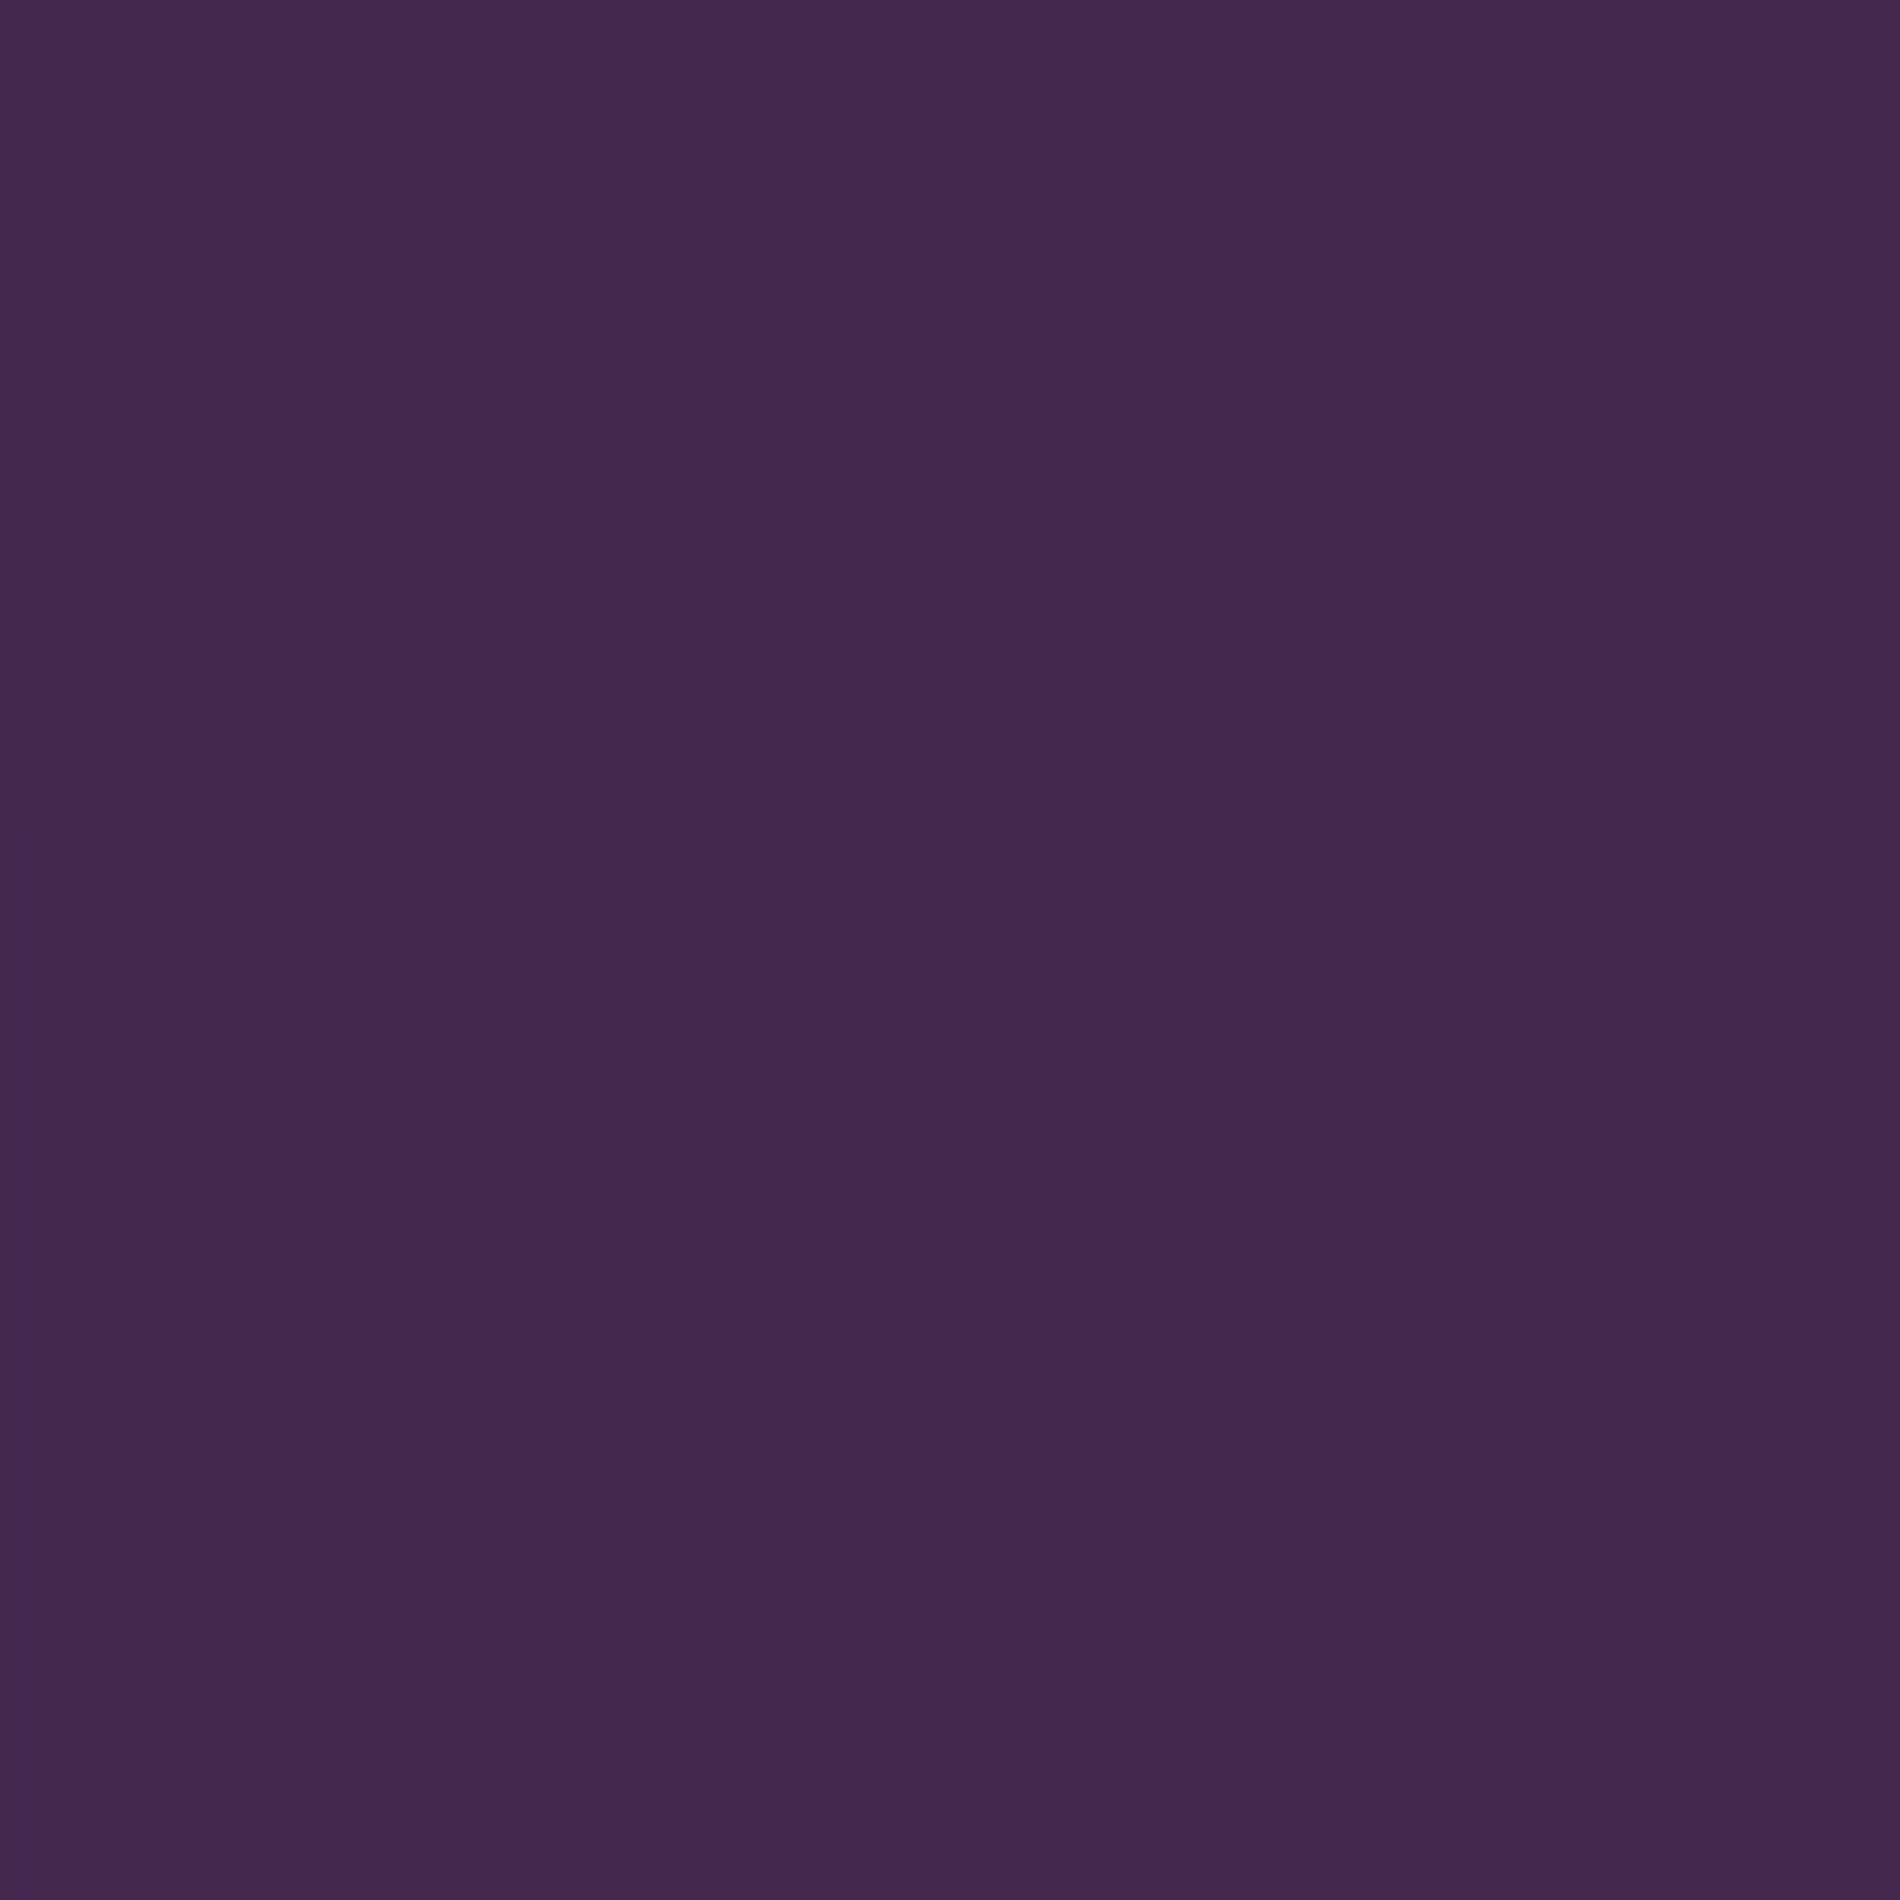 70 - violett